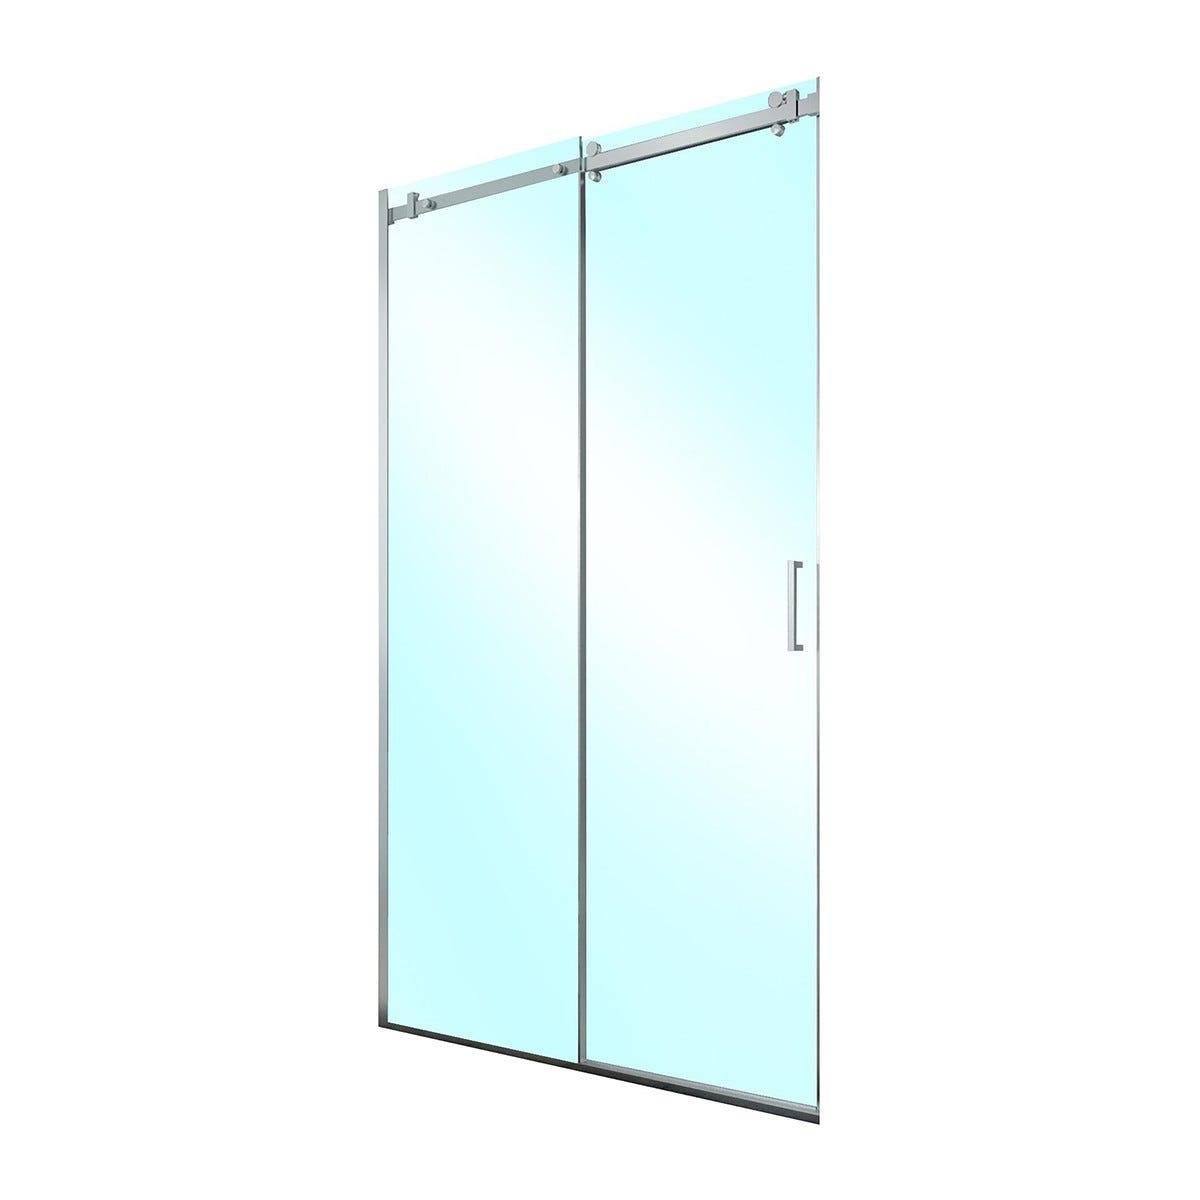 porta doccia roller scorrevole 117-119,5 h200cm vetro temperato  8mm trasparente profili cromati